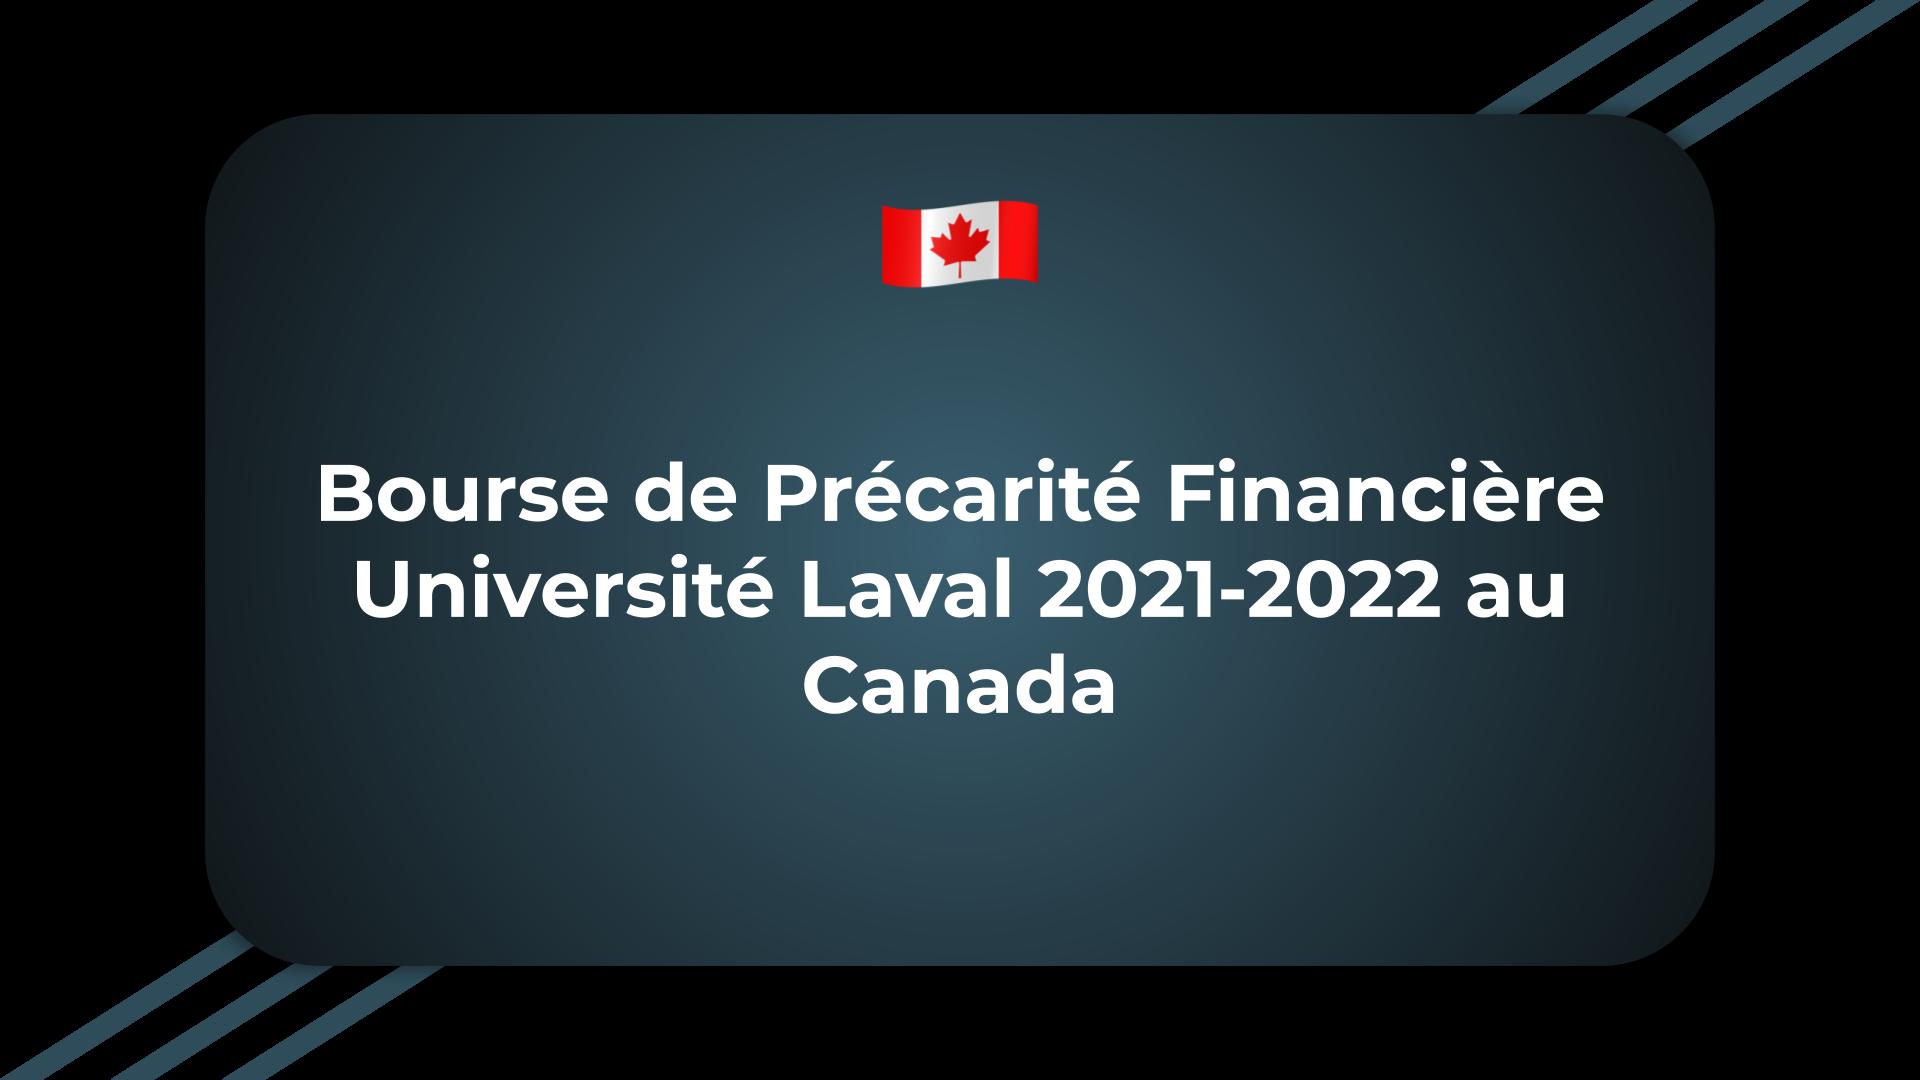 Bourse de Précarité Financière Université Laval